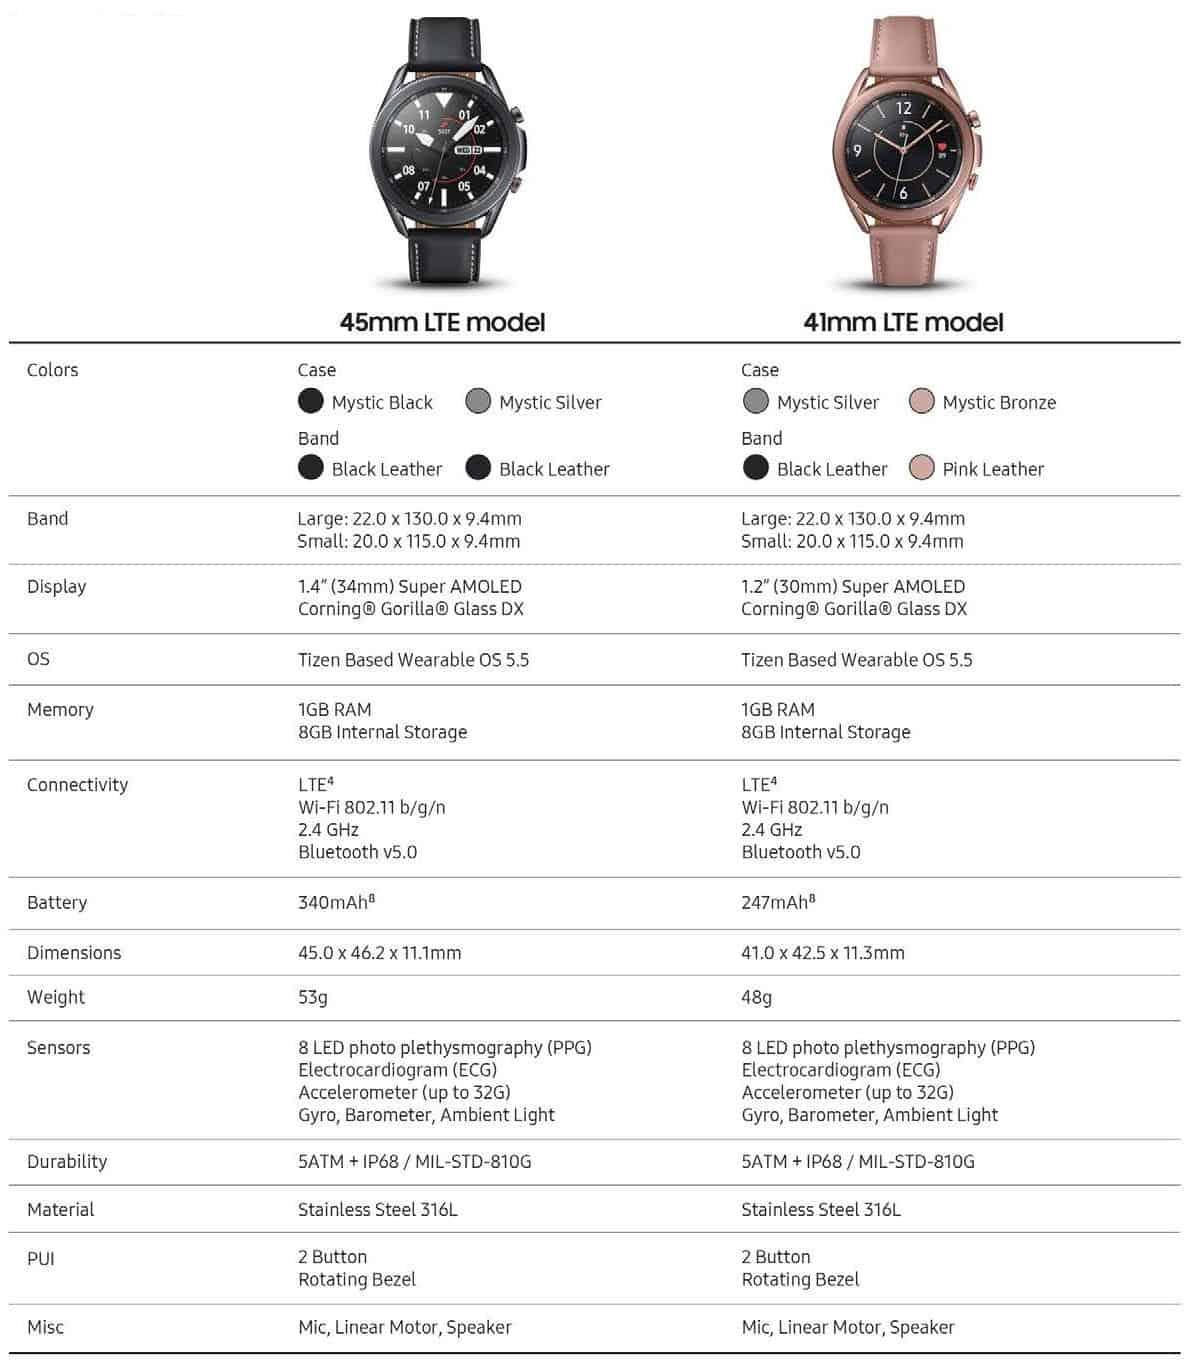 В сеть утекли рекламные материалы и изображения Samsung Galaxy Watch 3 (eenyl 0wsainvk4)